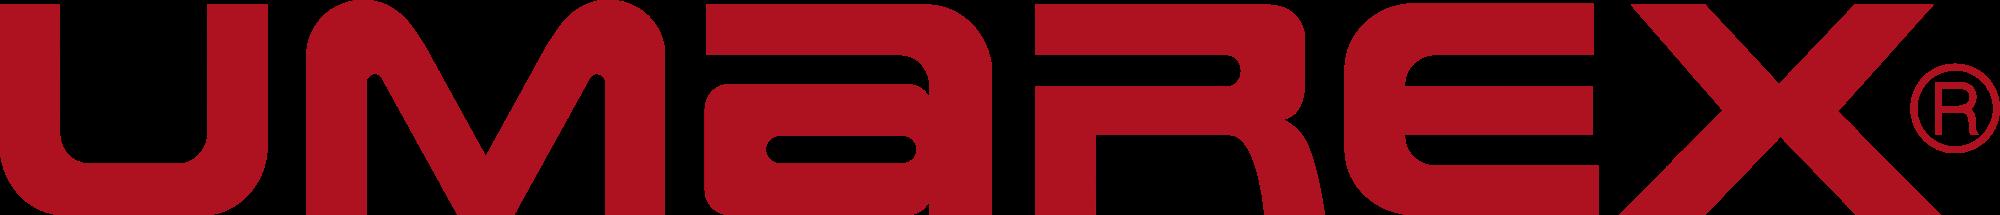 Umarex_Logo2013.svg.png